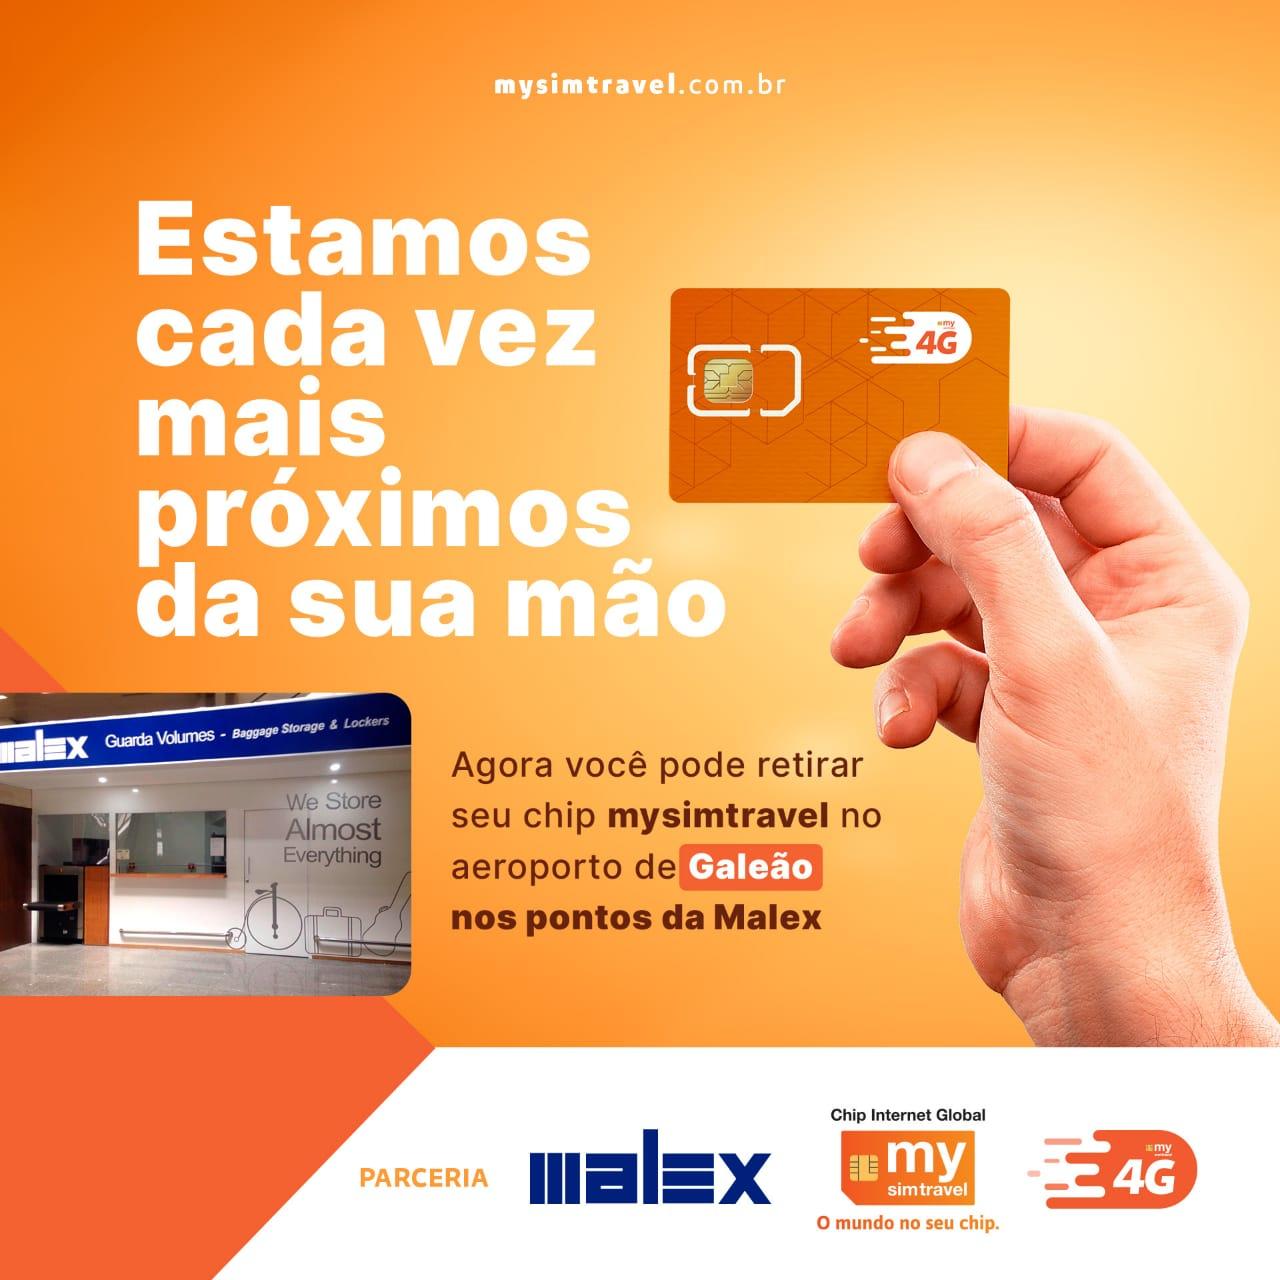 Mysimtravel - turismonline.net.br